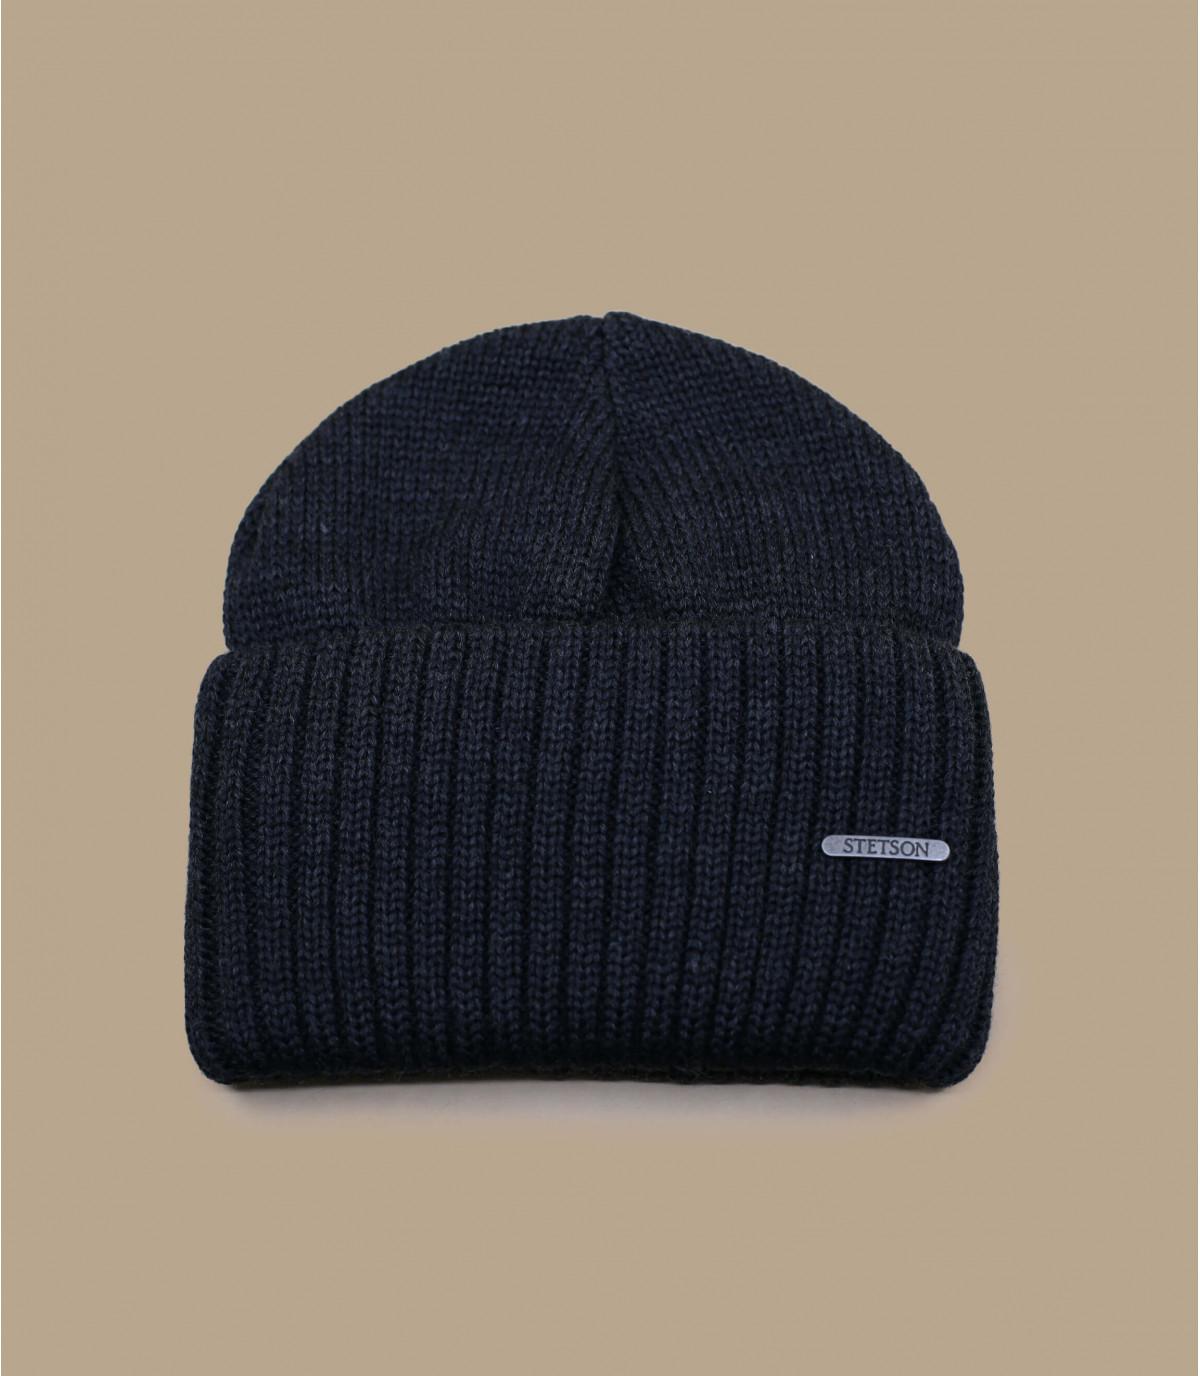 Stetson graue Mütze